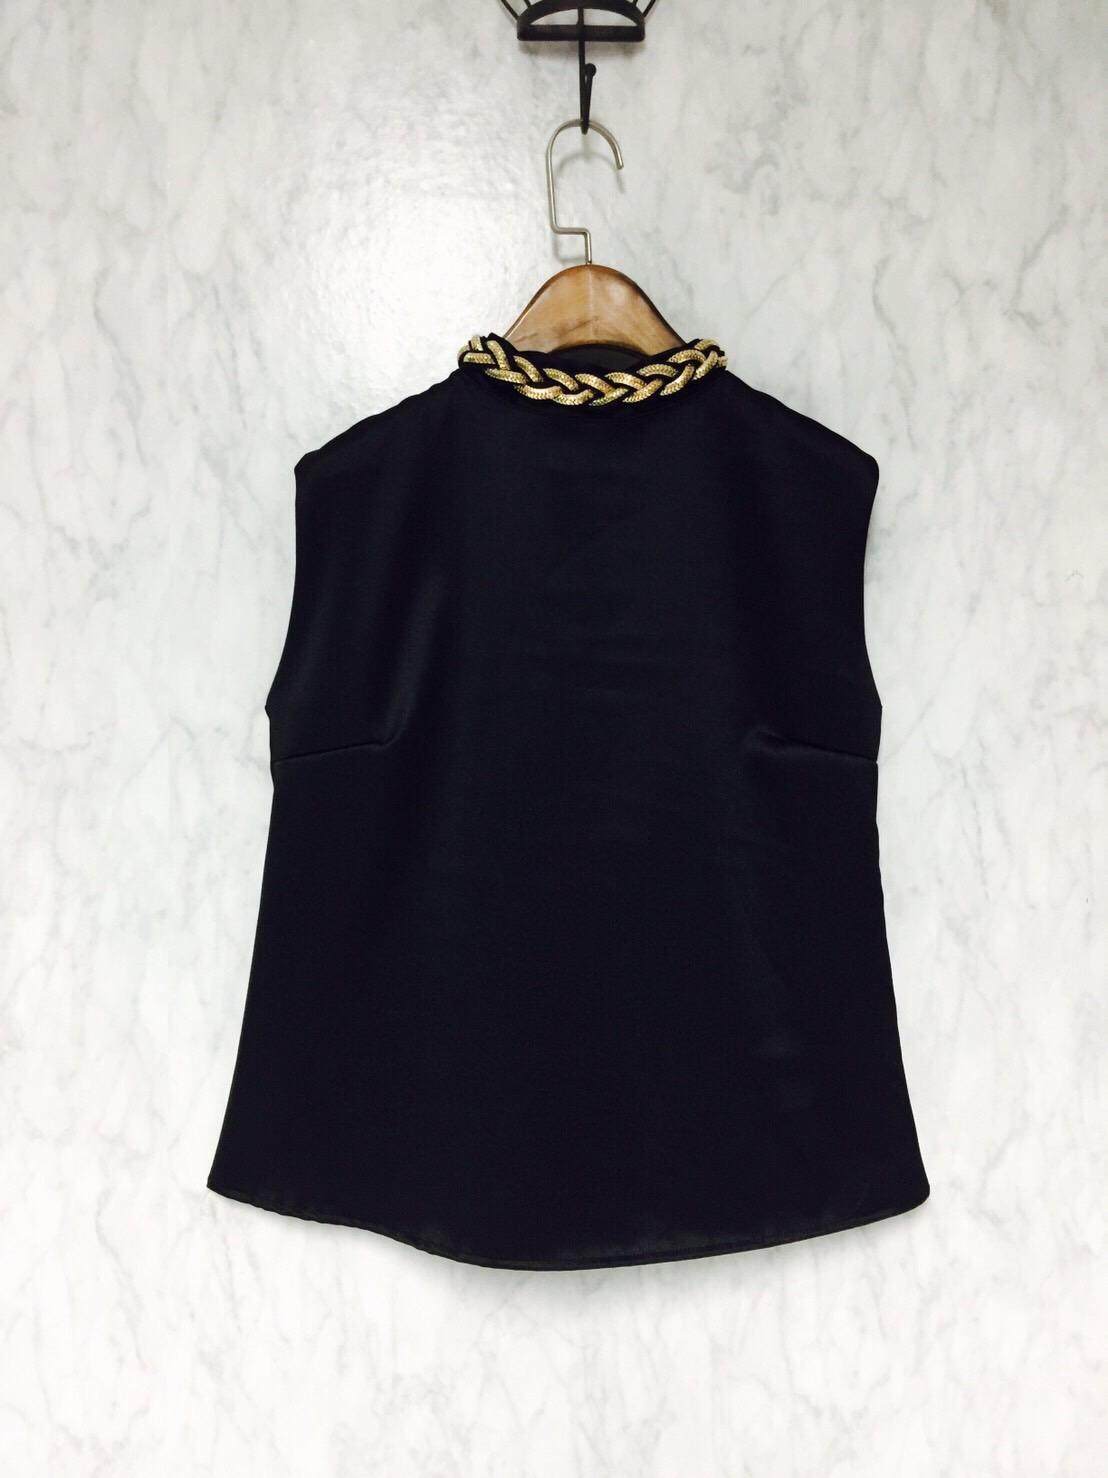 เสื้อแฟชั่นสีดำ เสื้อสีดำ ขายส่งเสื้อแฟชั่นสีดำ แฟชั่นใหม่ล่าสุด 2016